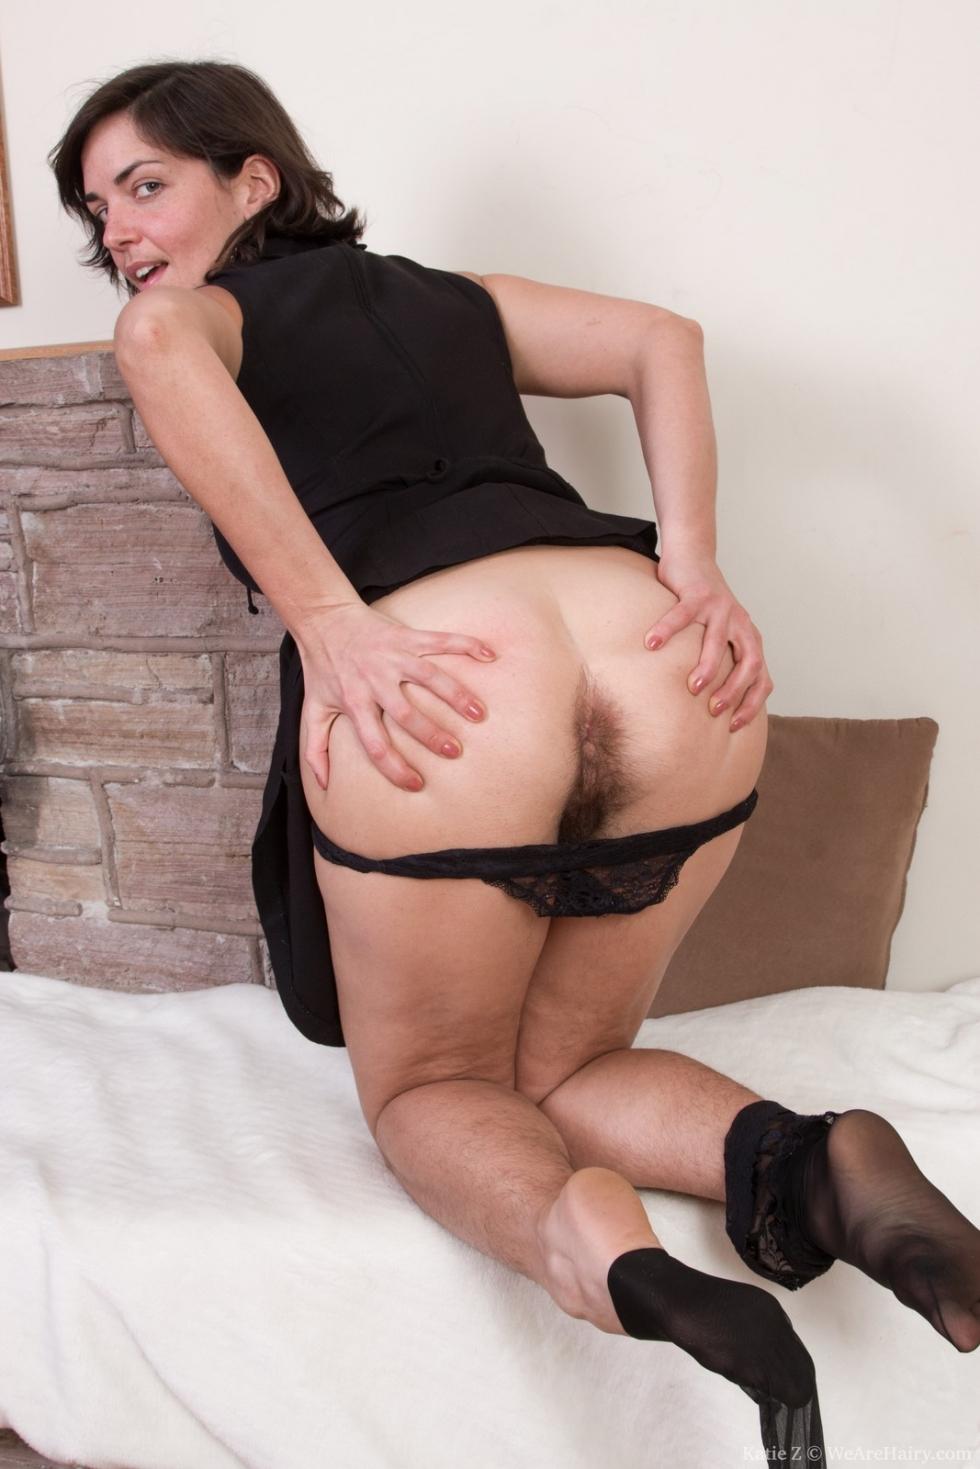 naked german girl pix